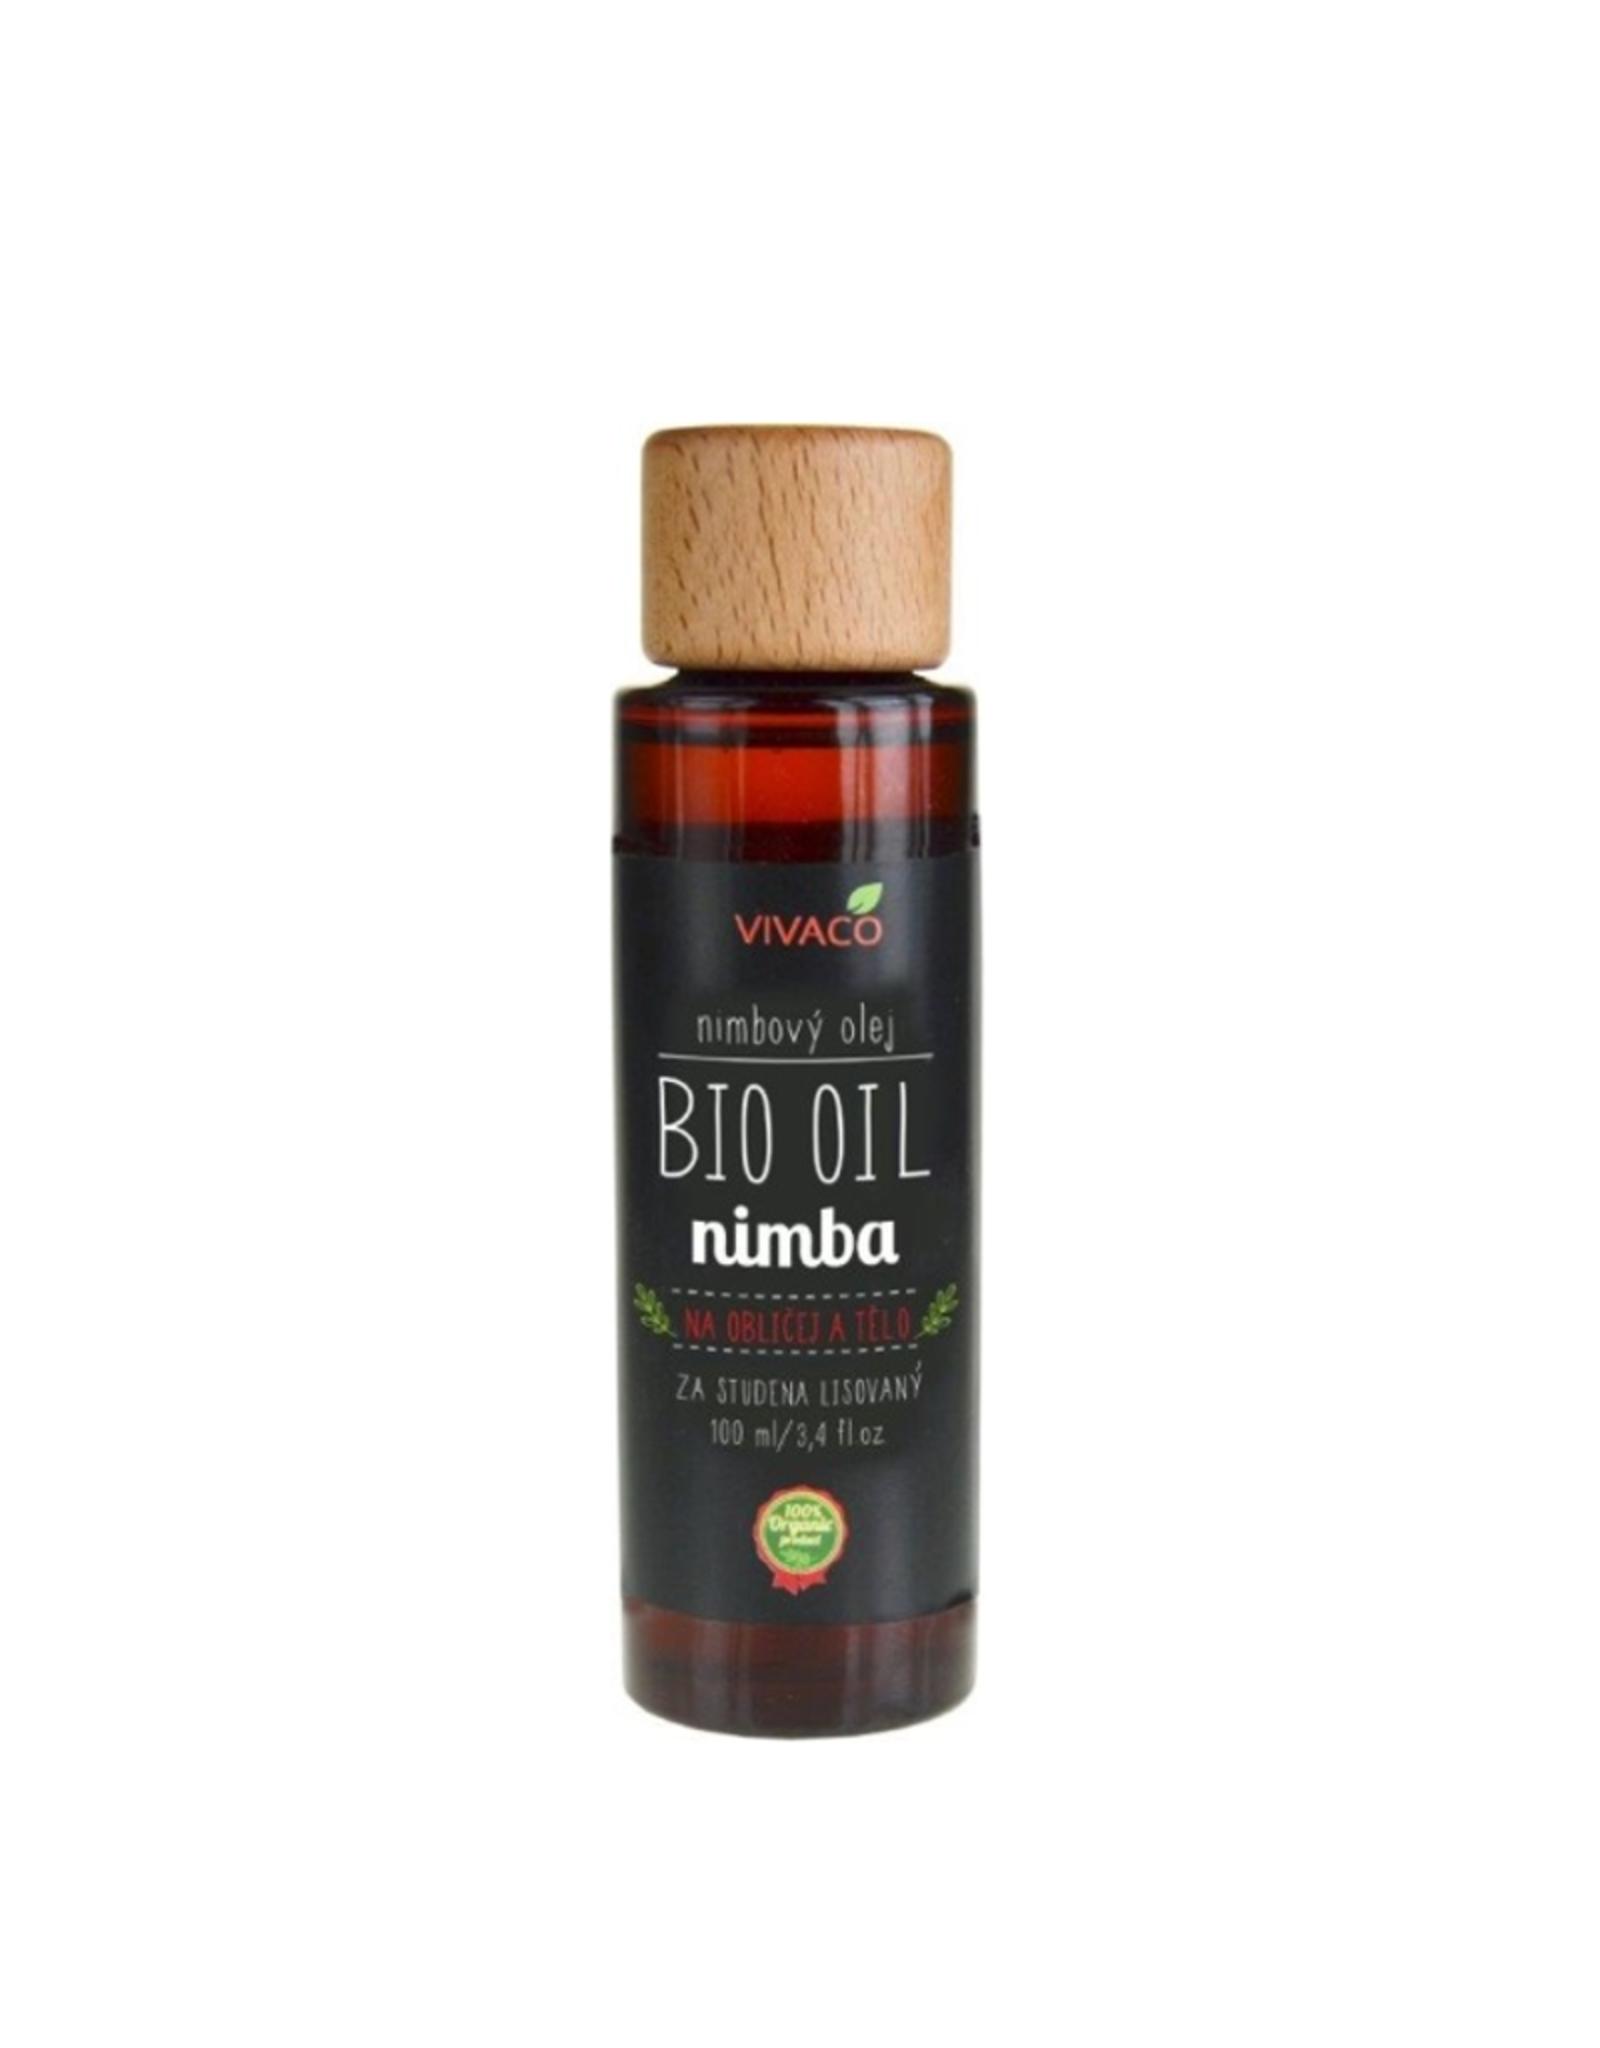 VIVACO BIO OIL Neemolie (Nimbaolie) 100% organisch